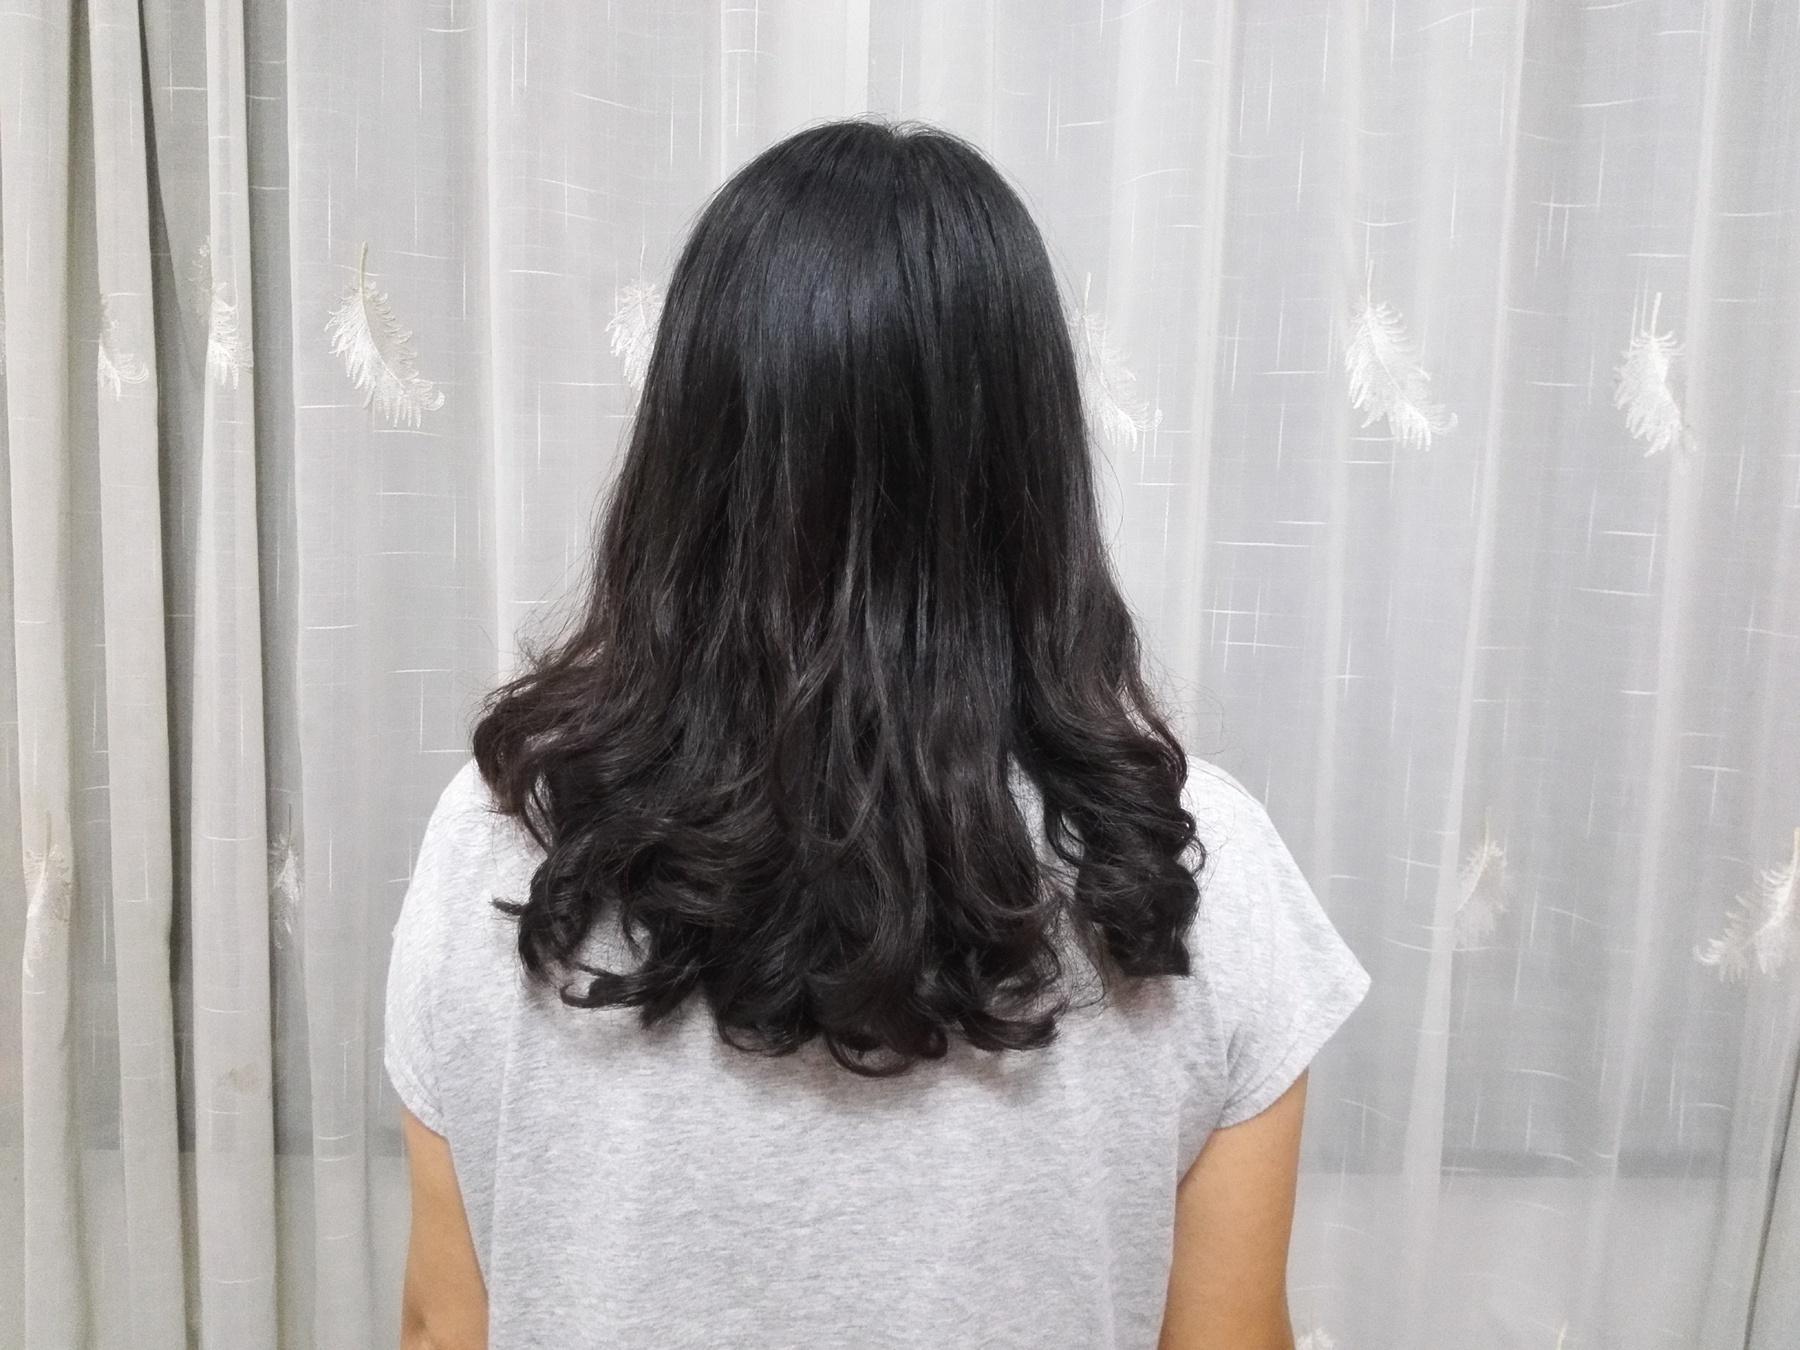 好硬好烫_猫咪的头发因烫过所以很缺少光泽度,不够亮,发质呢也比较硬,头顶